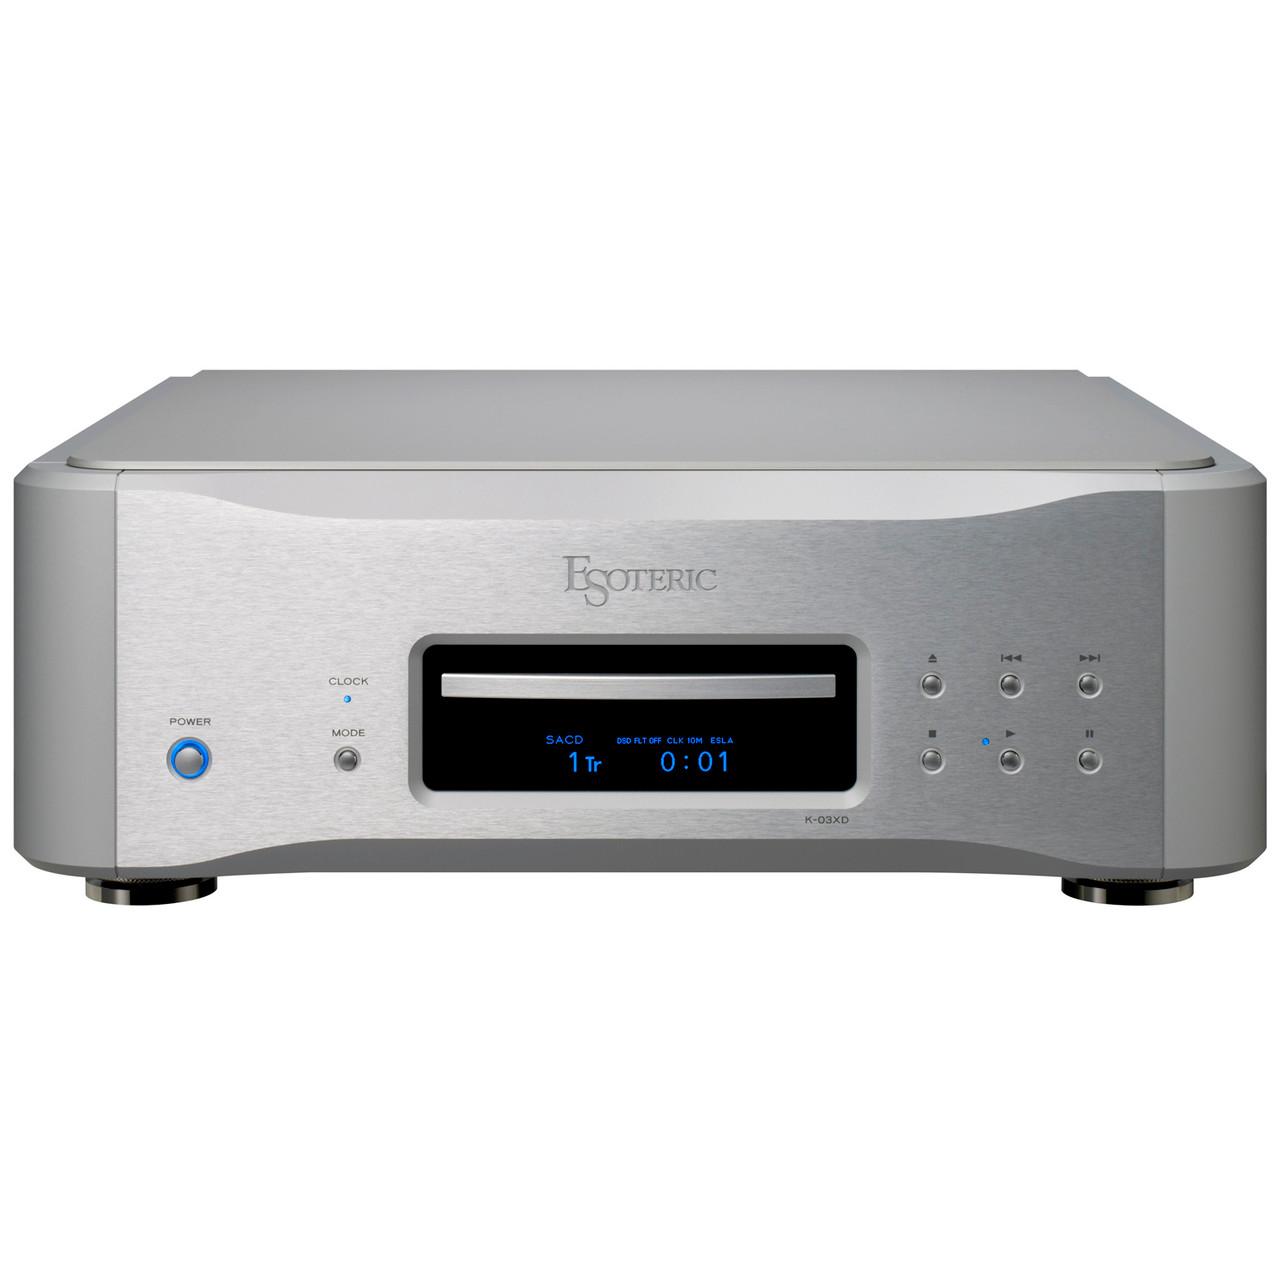 Esoteric K-03XD SACD Player